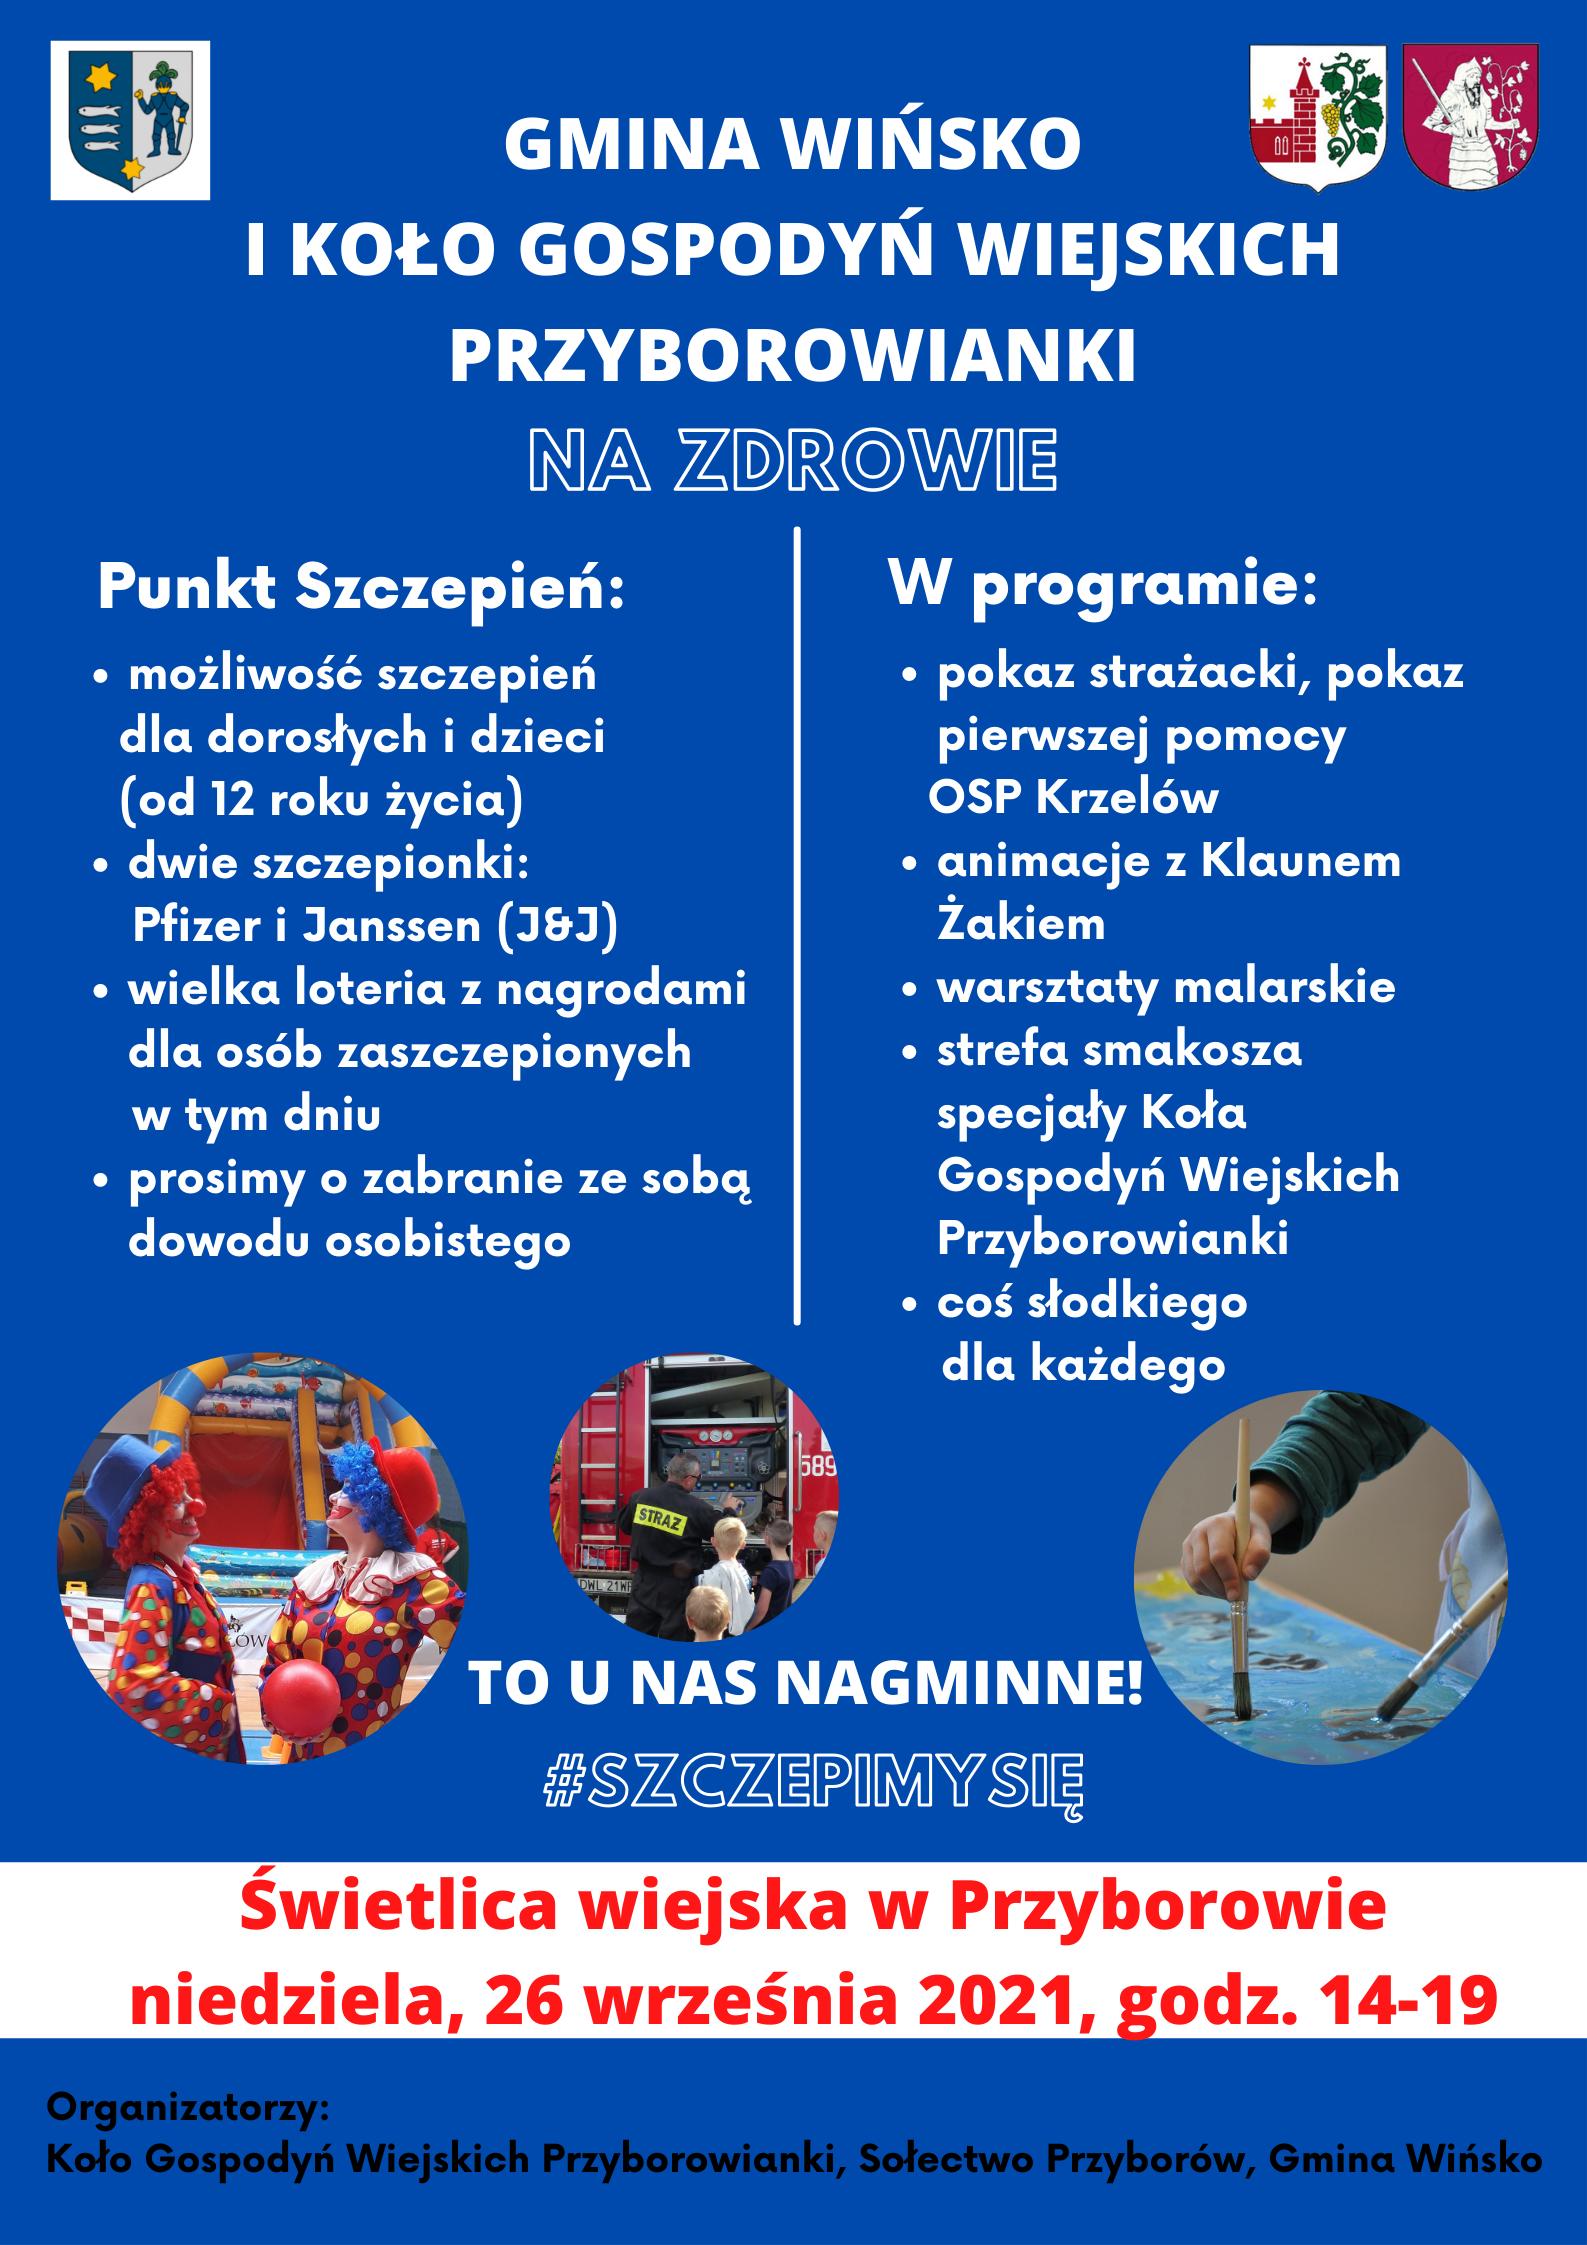 Plakat promujący akcję szczepień w Przyborowie